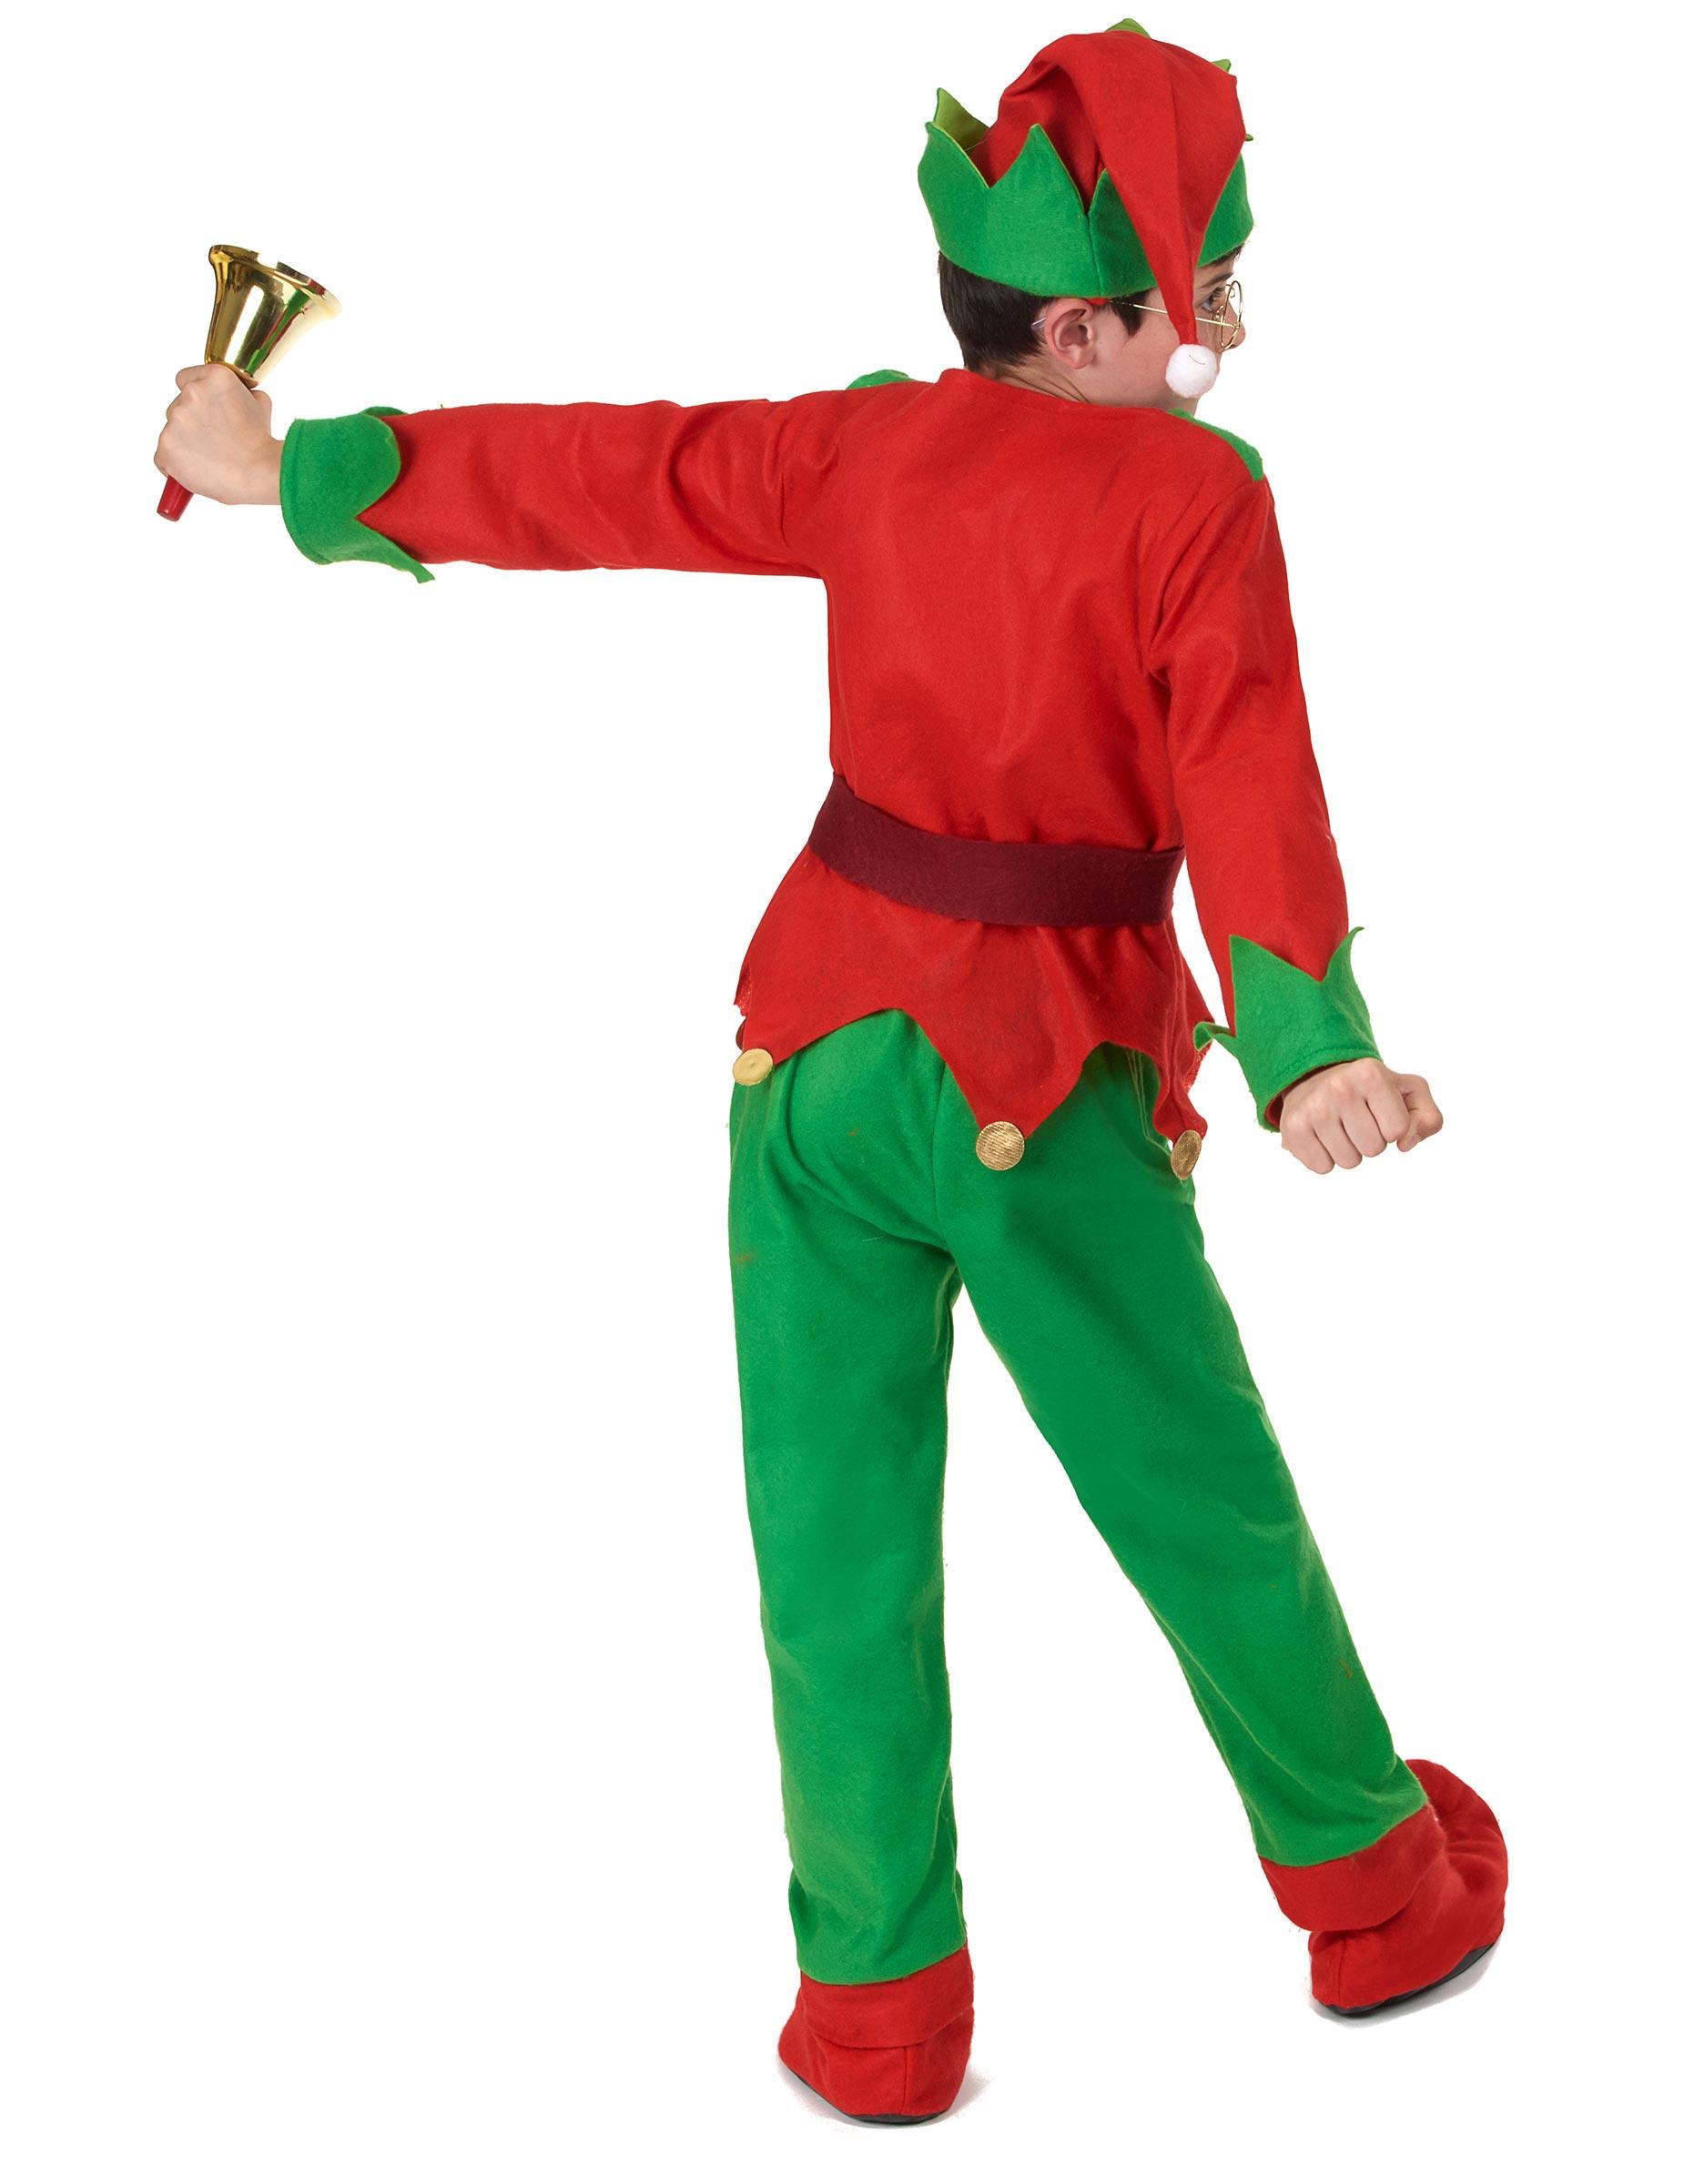 Busig tomtenisse - Maskeraddräkt för barn till jul-3 b6115783c6ee5